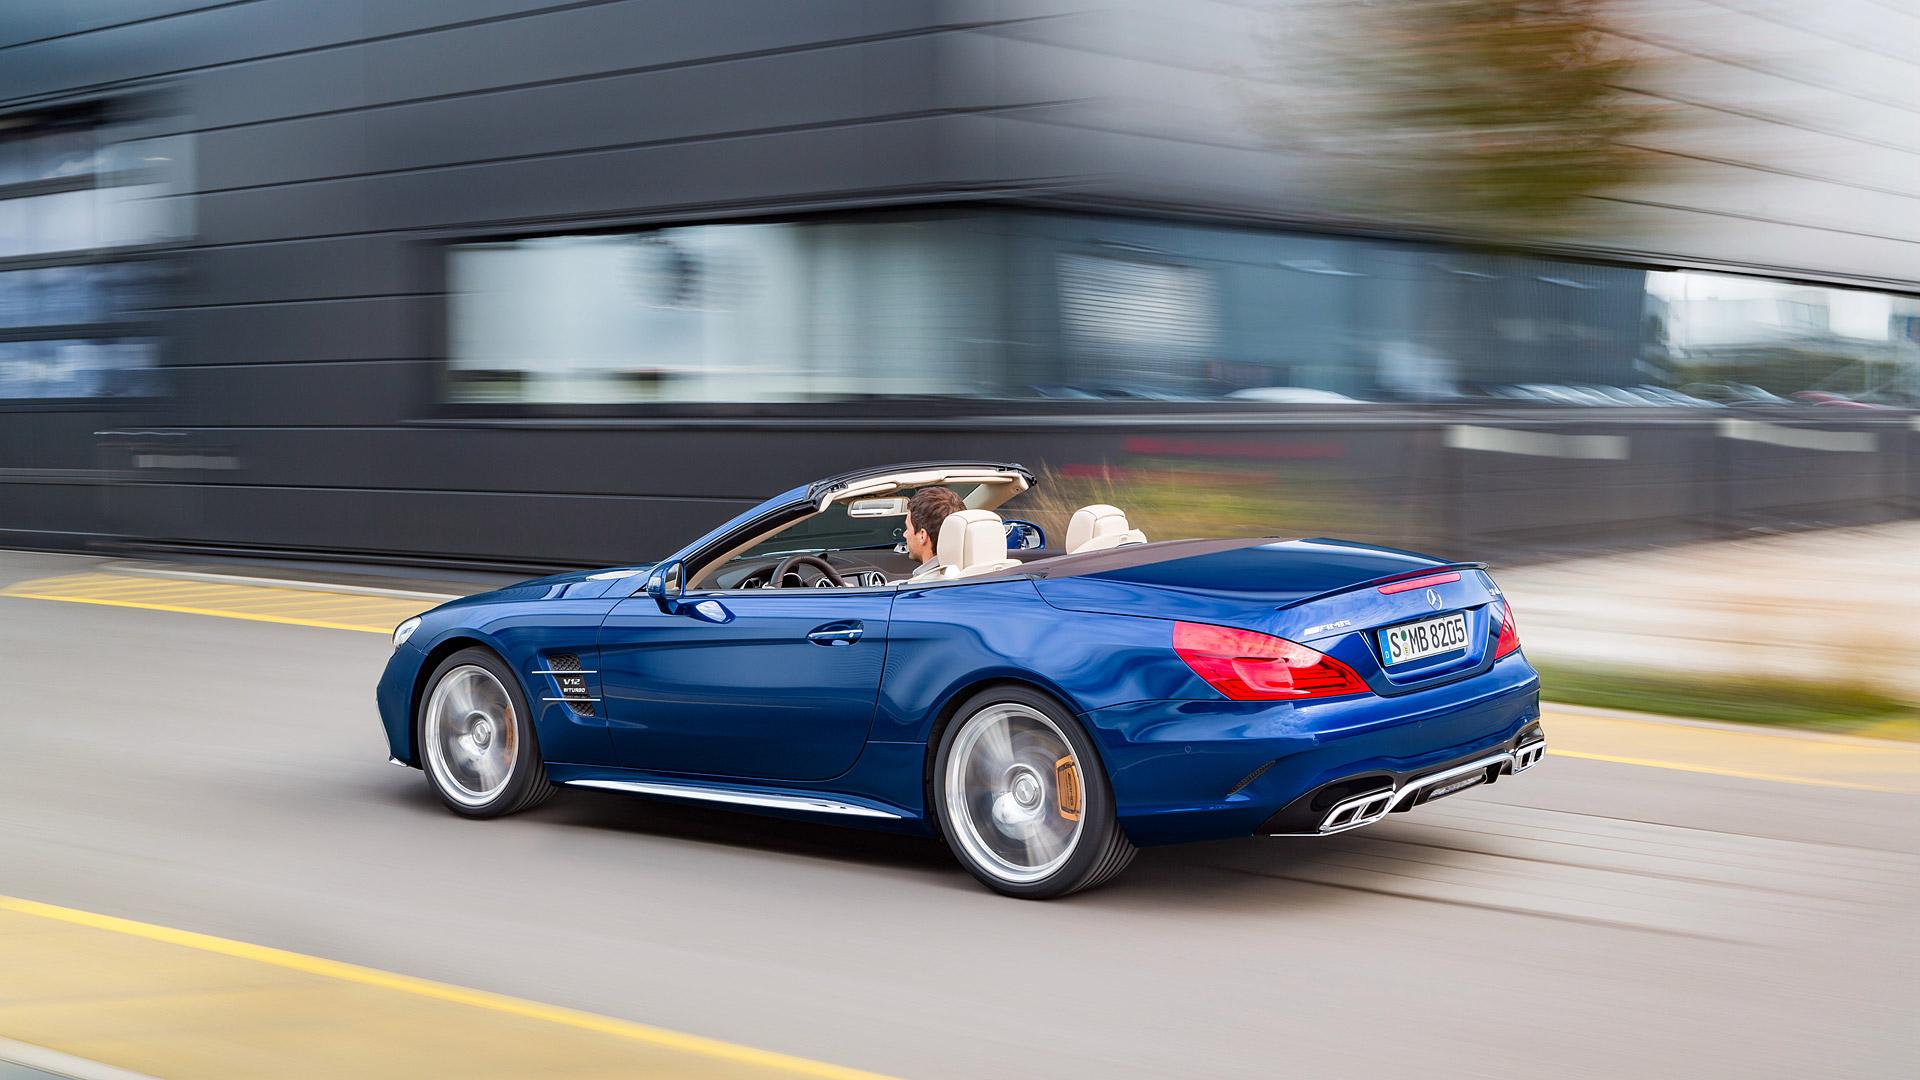 https://lh3.googleusercontent.com/-C0ylwLsPGCE/Vkxe1-YKYaI/AAAAAAAAJOc/BplLR8oRzCU/w1920-h1080/2017-Mercedes-Benz-SL65-AMG-V3-1080.jpg